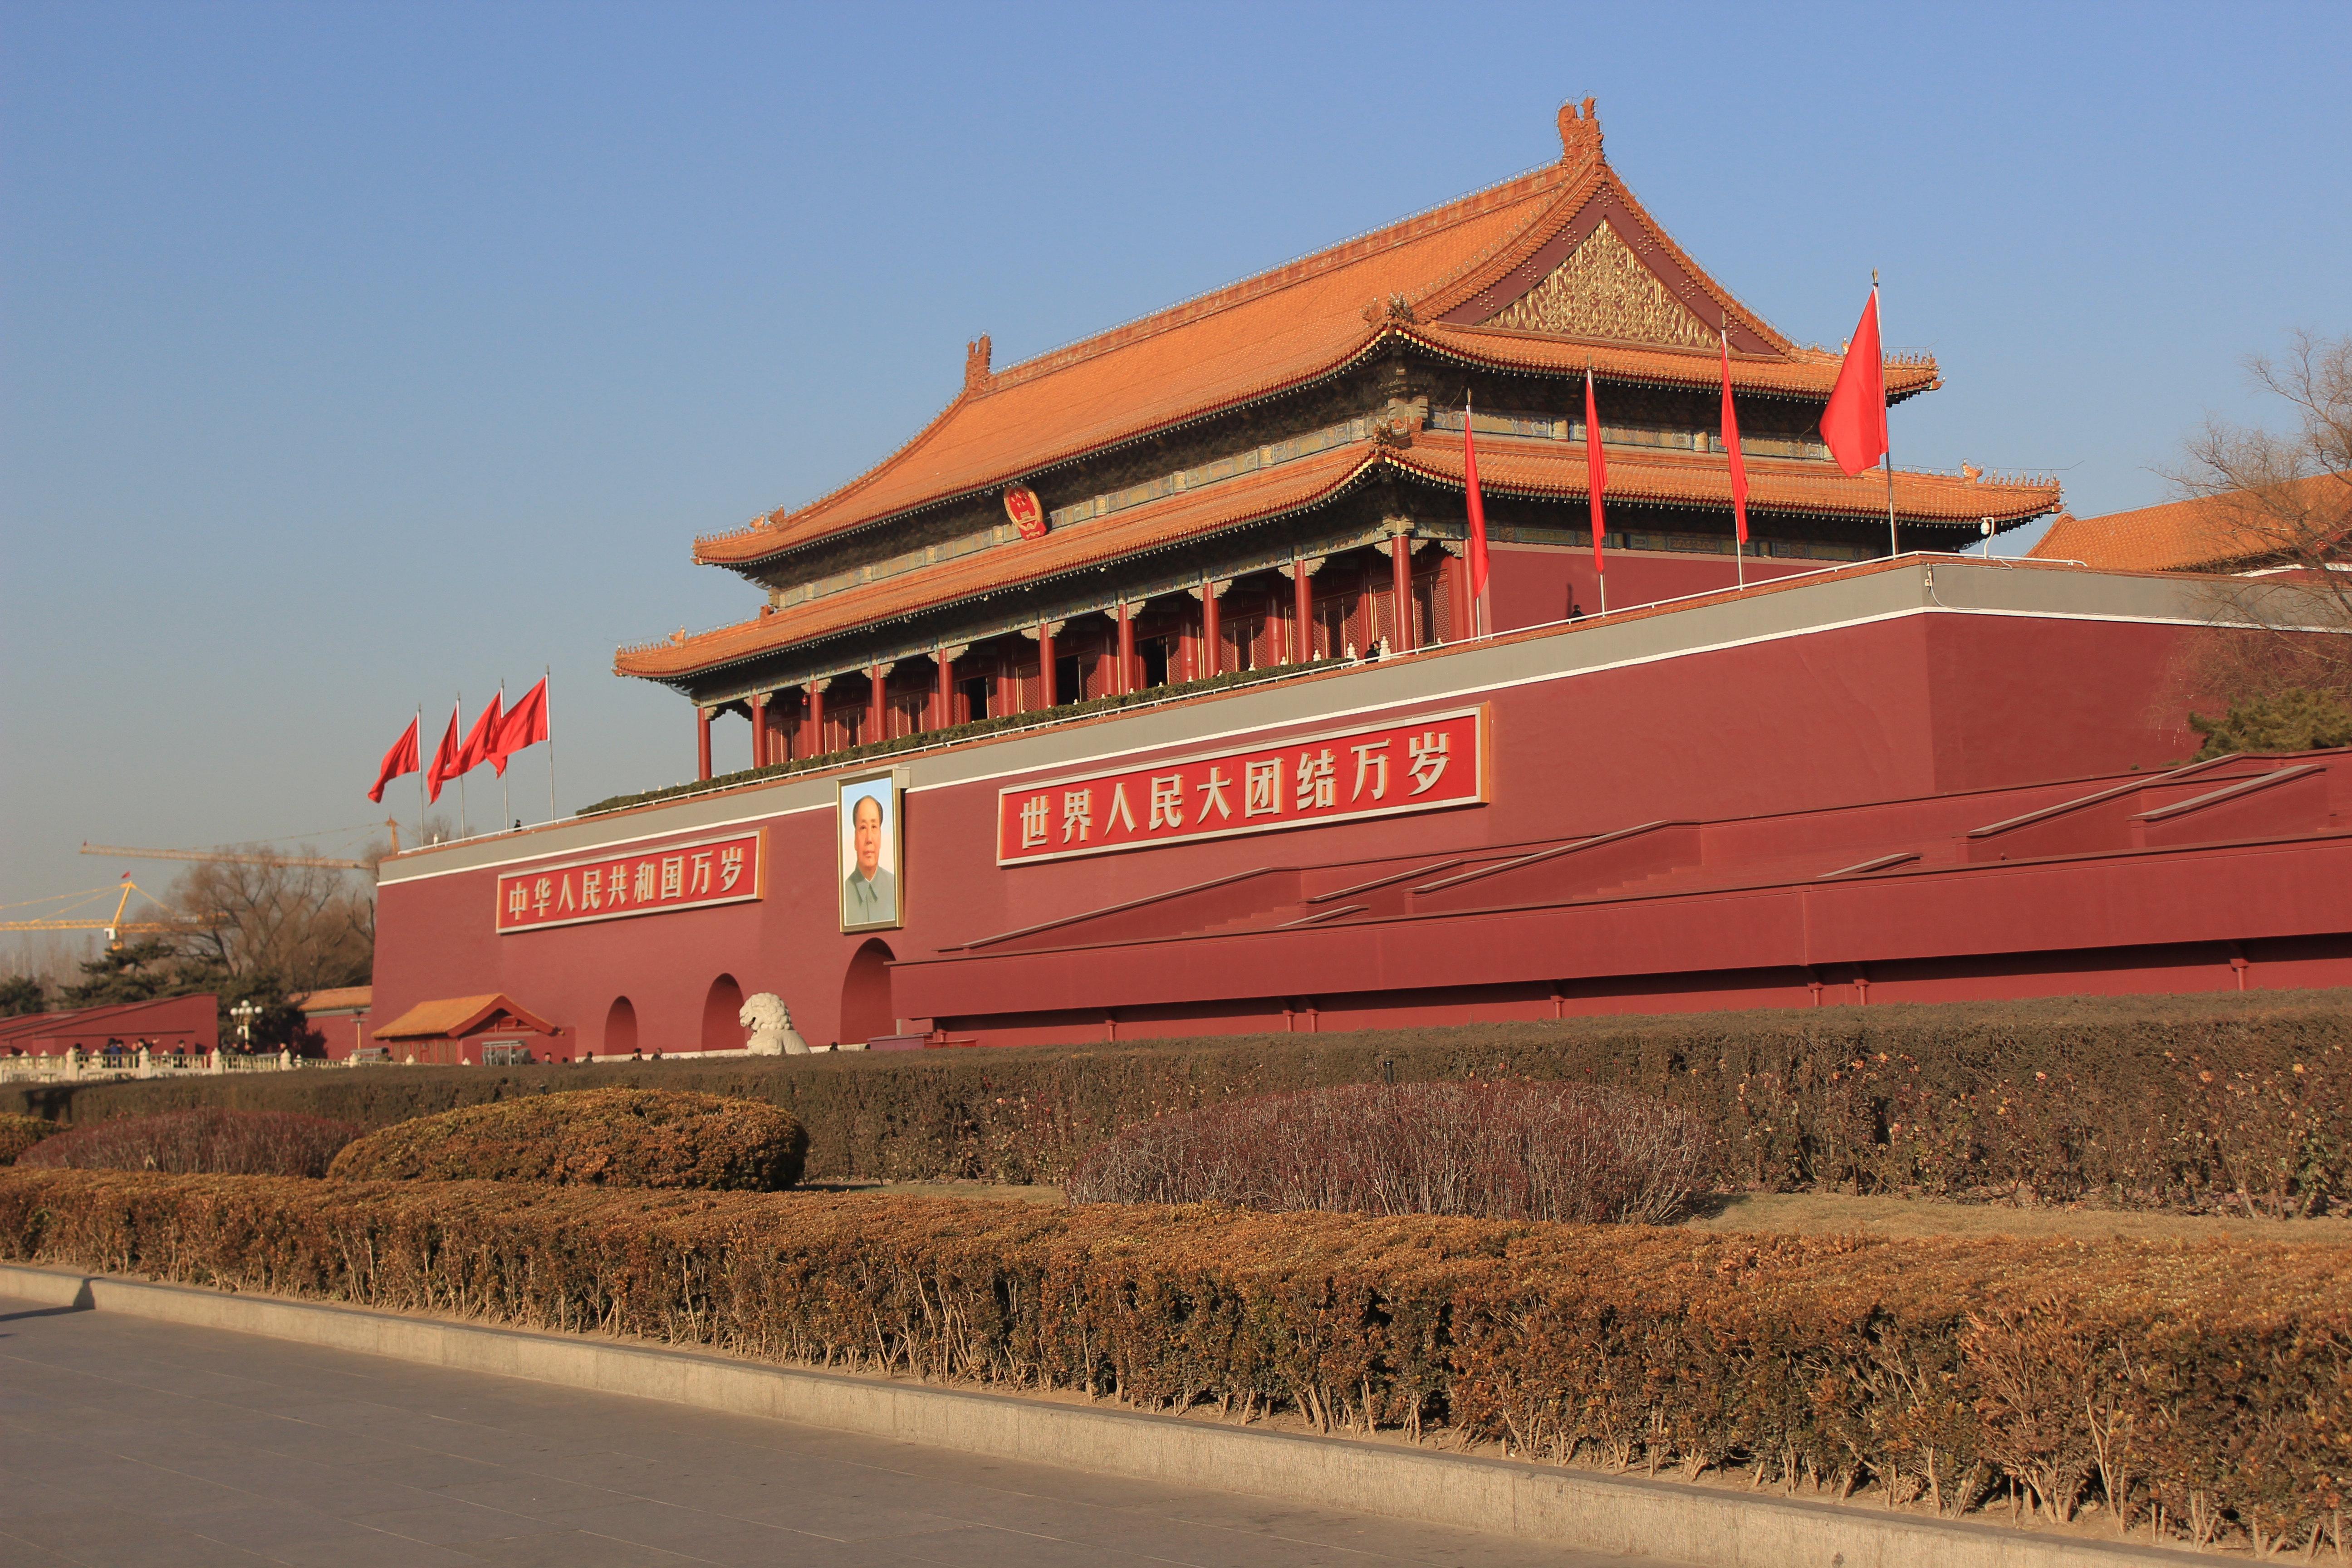 【携程攻略】北京天安门广场适合单独旅游旅行江津四面山龙家乐住宿攻略图片